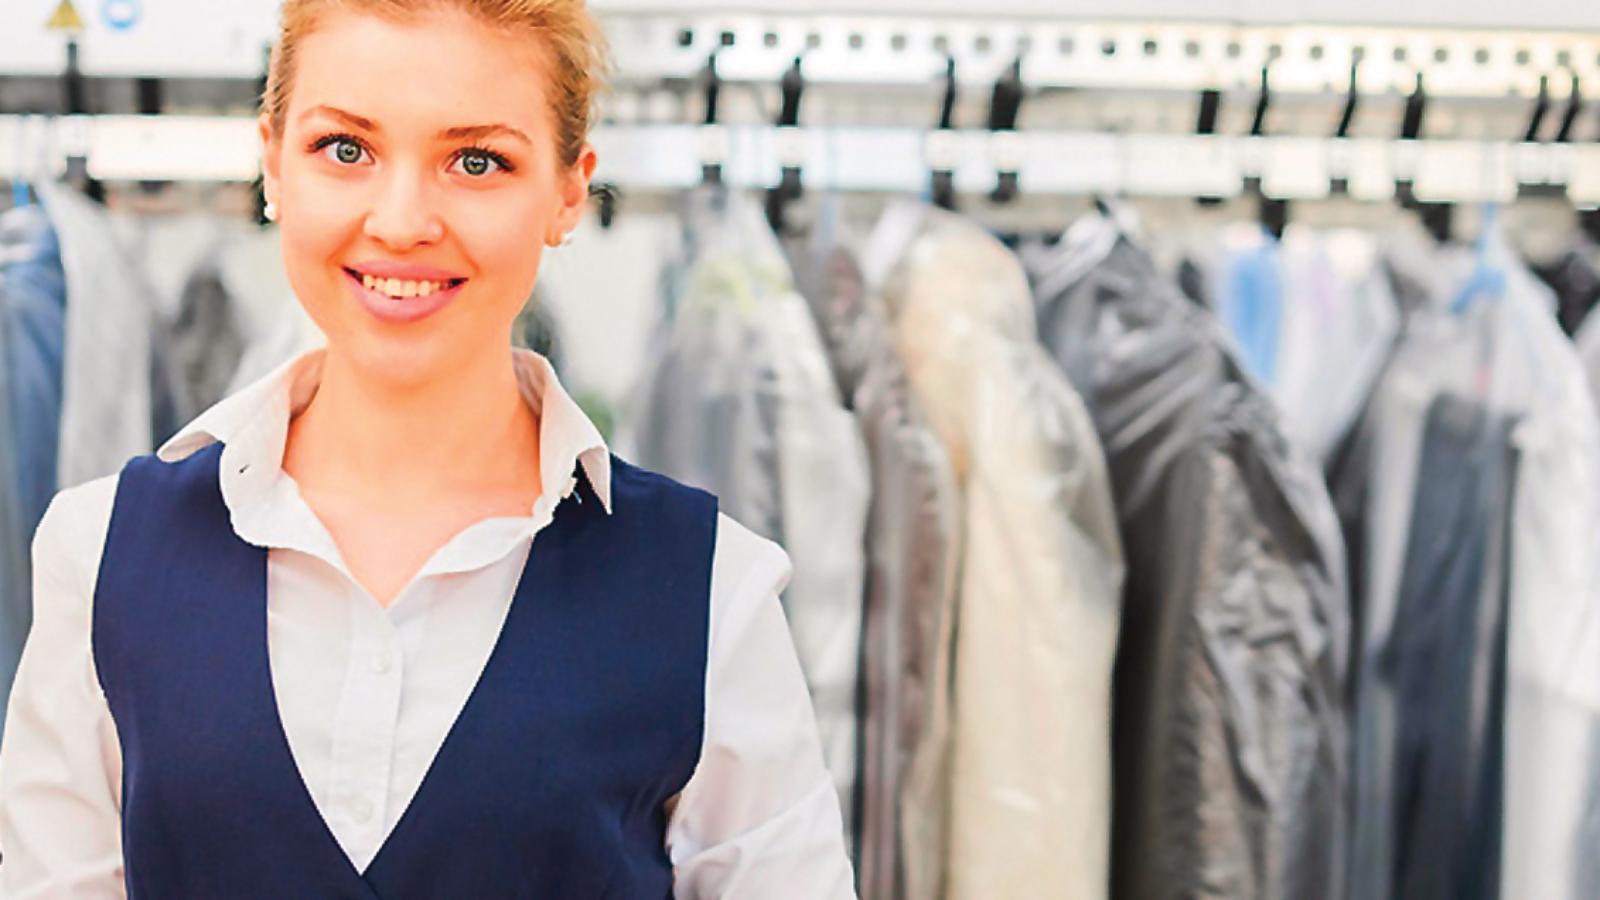 Профессиональная химчистка и стирка одежды